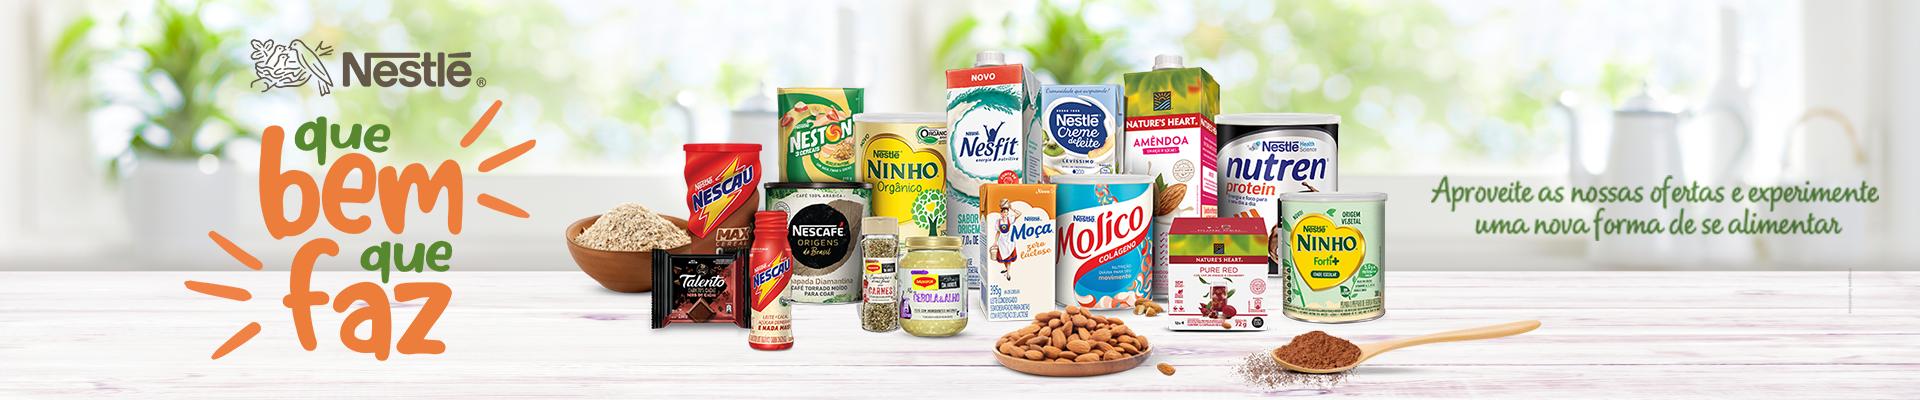 Nestle faz bem - 16 a 22 set